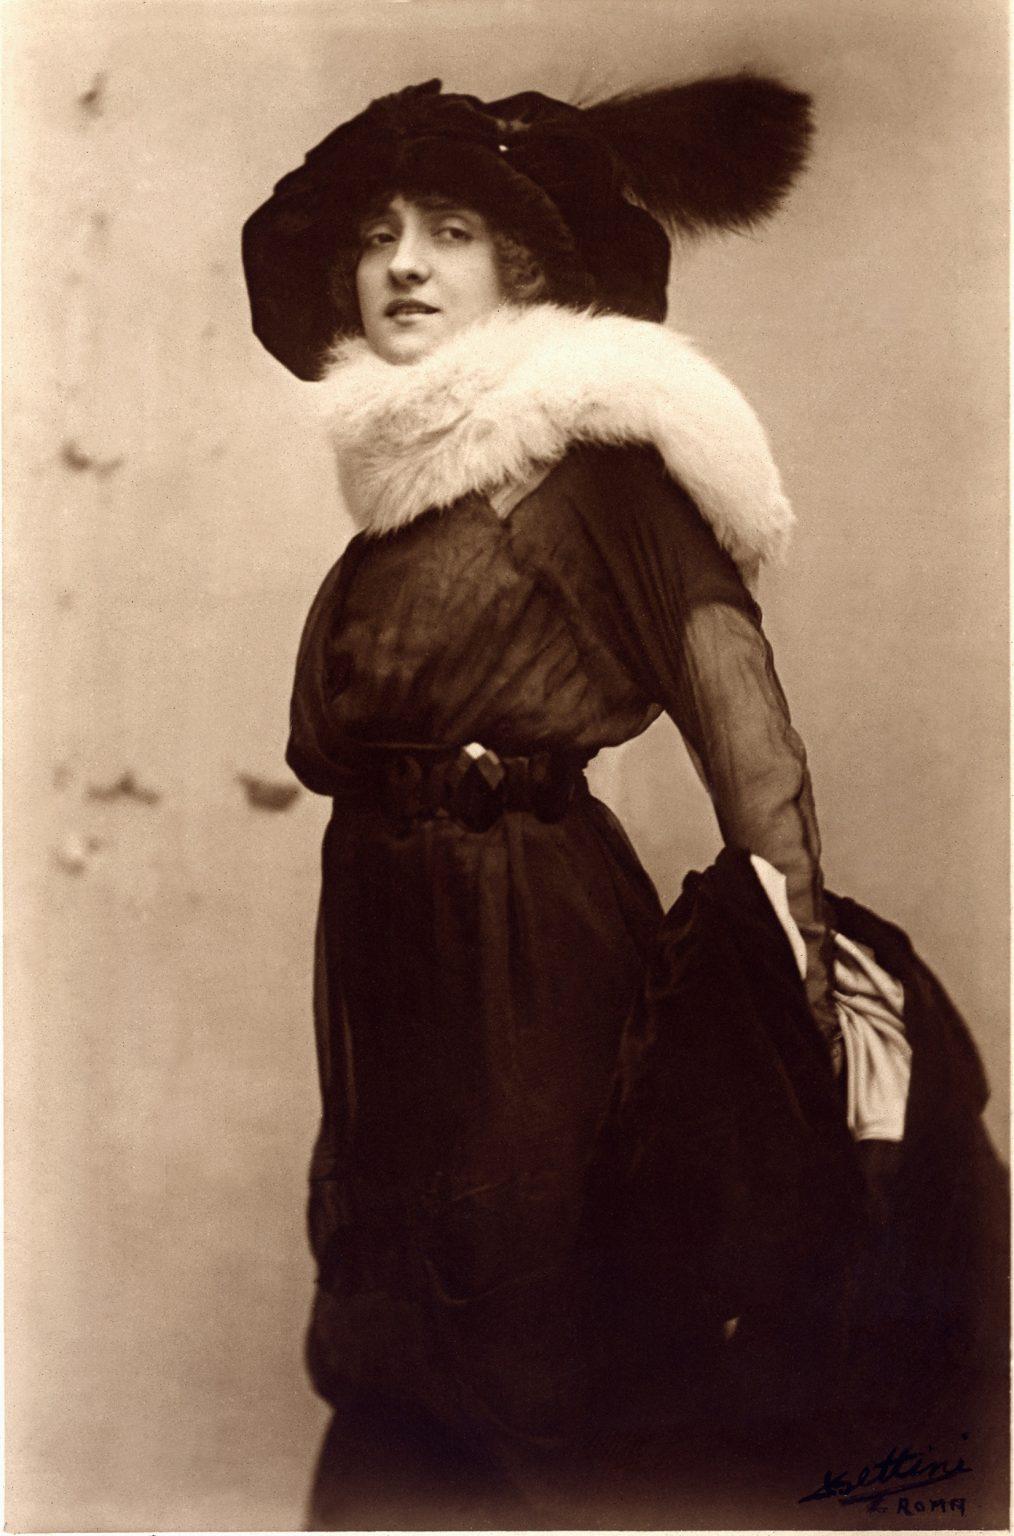 lyda-borelli-1884-1960